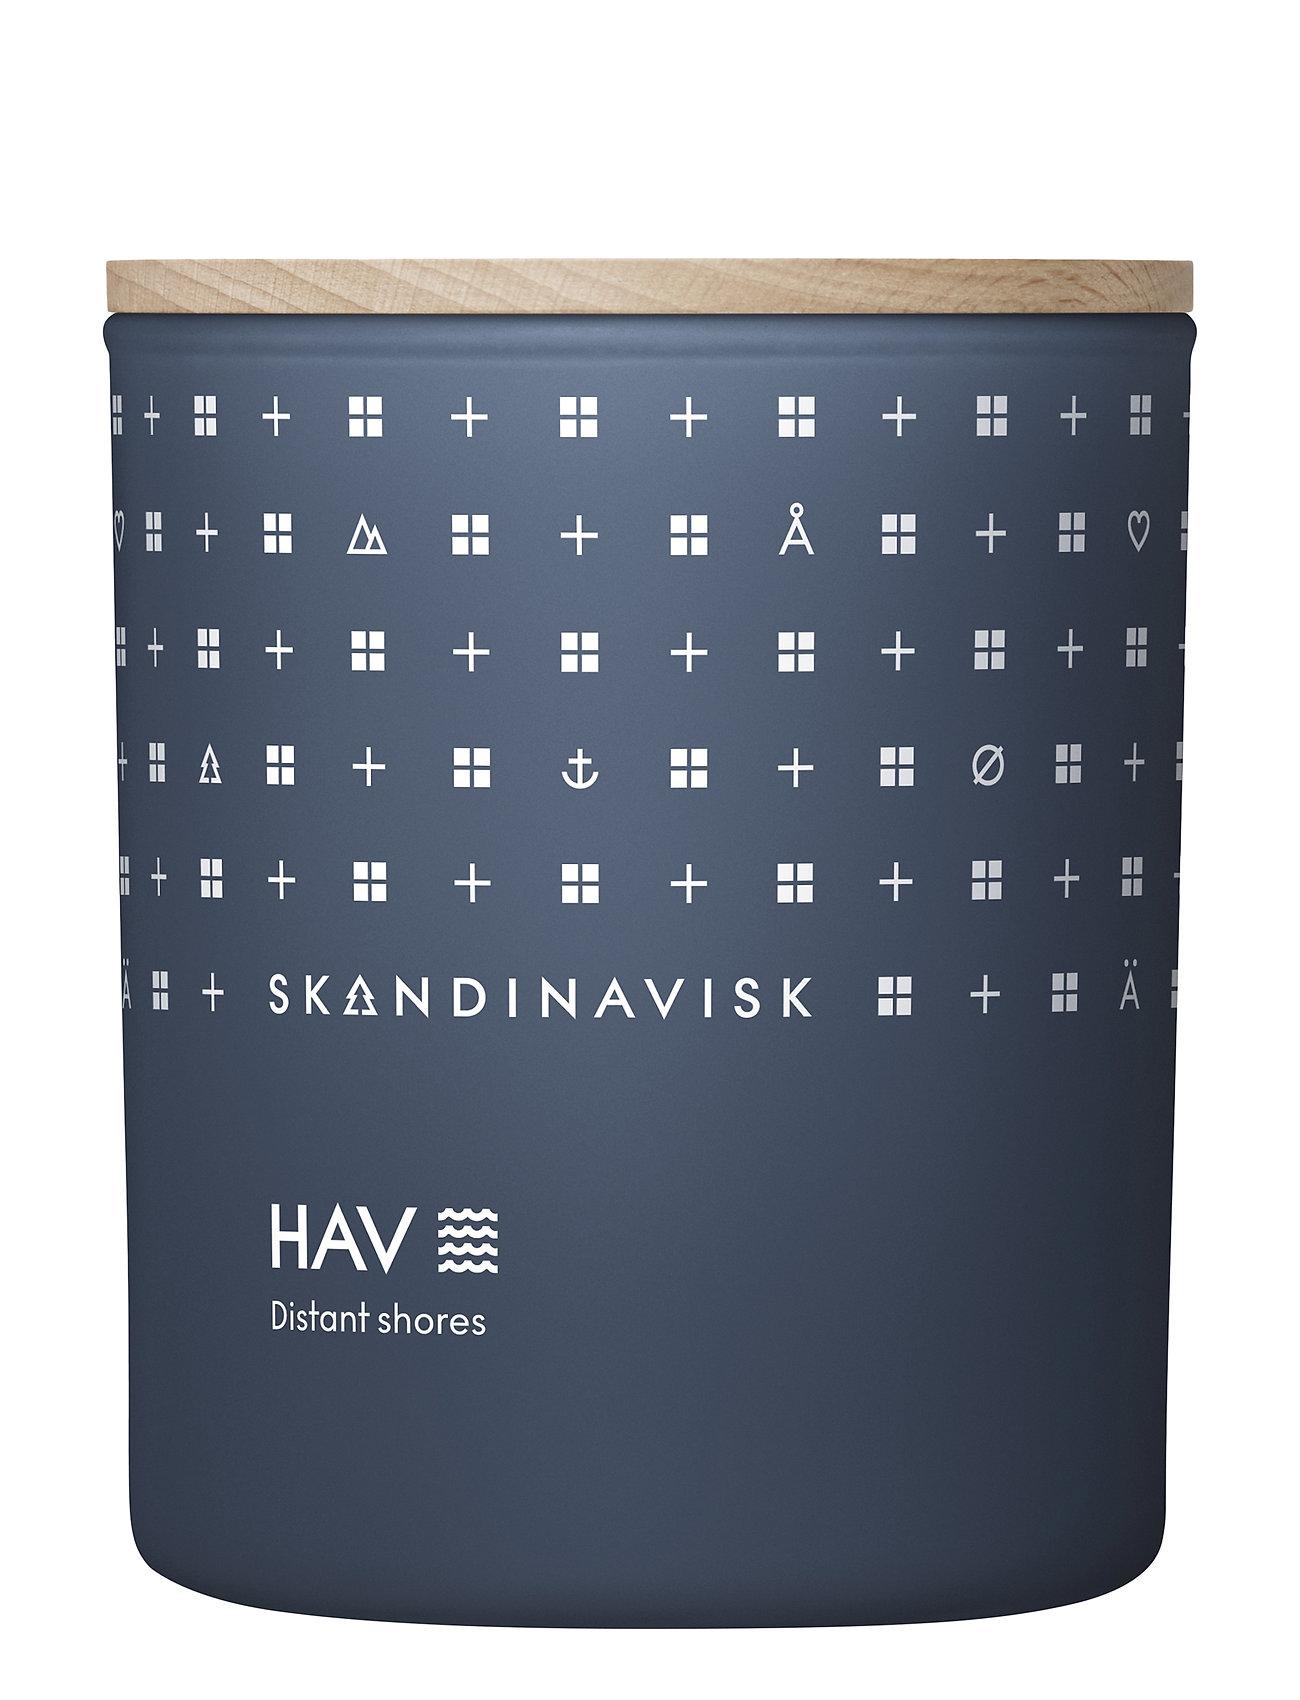 Skandinavisk Hav Scented Candle With Lid 200g Tuoksukynttilä Nude Skandinavisk